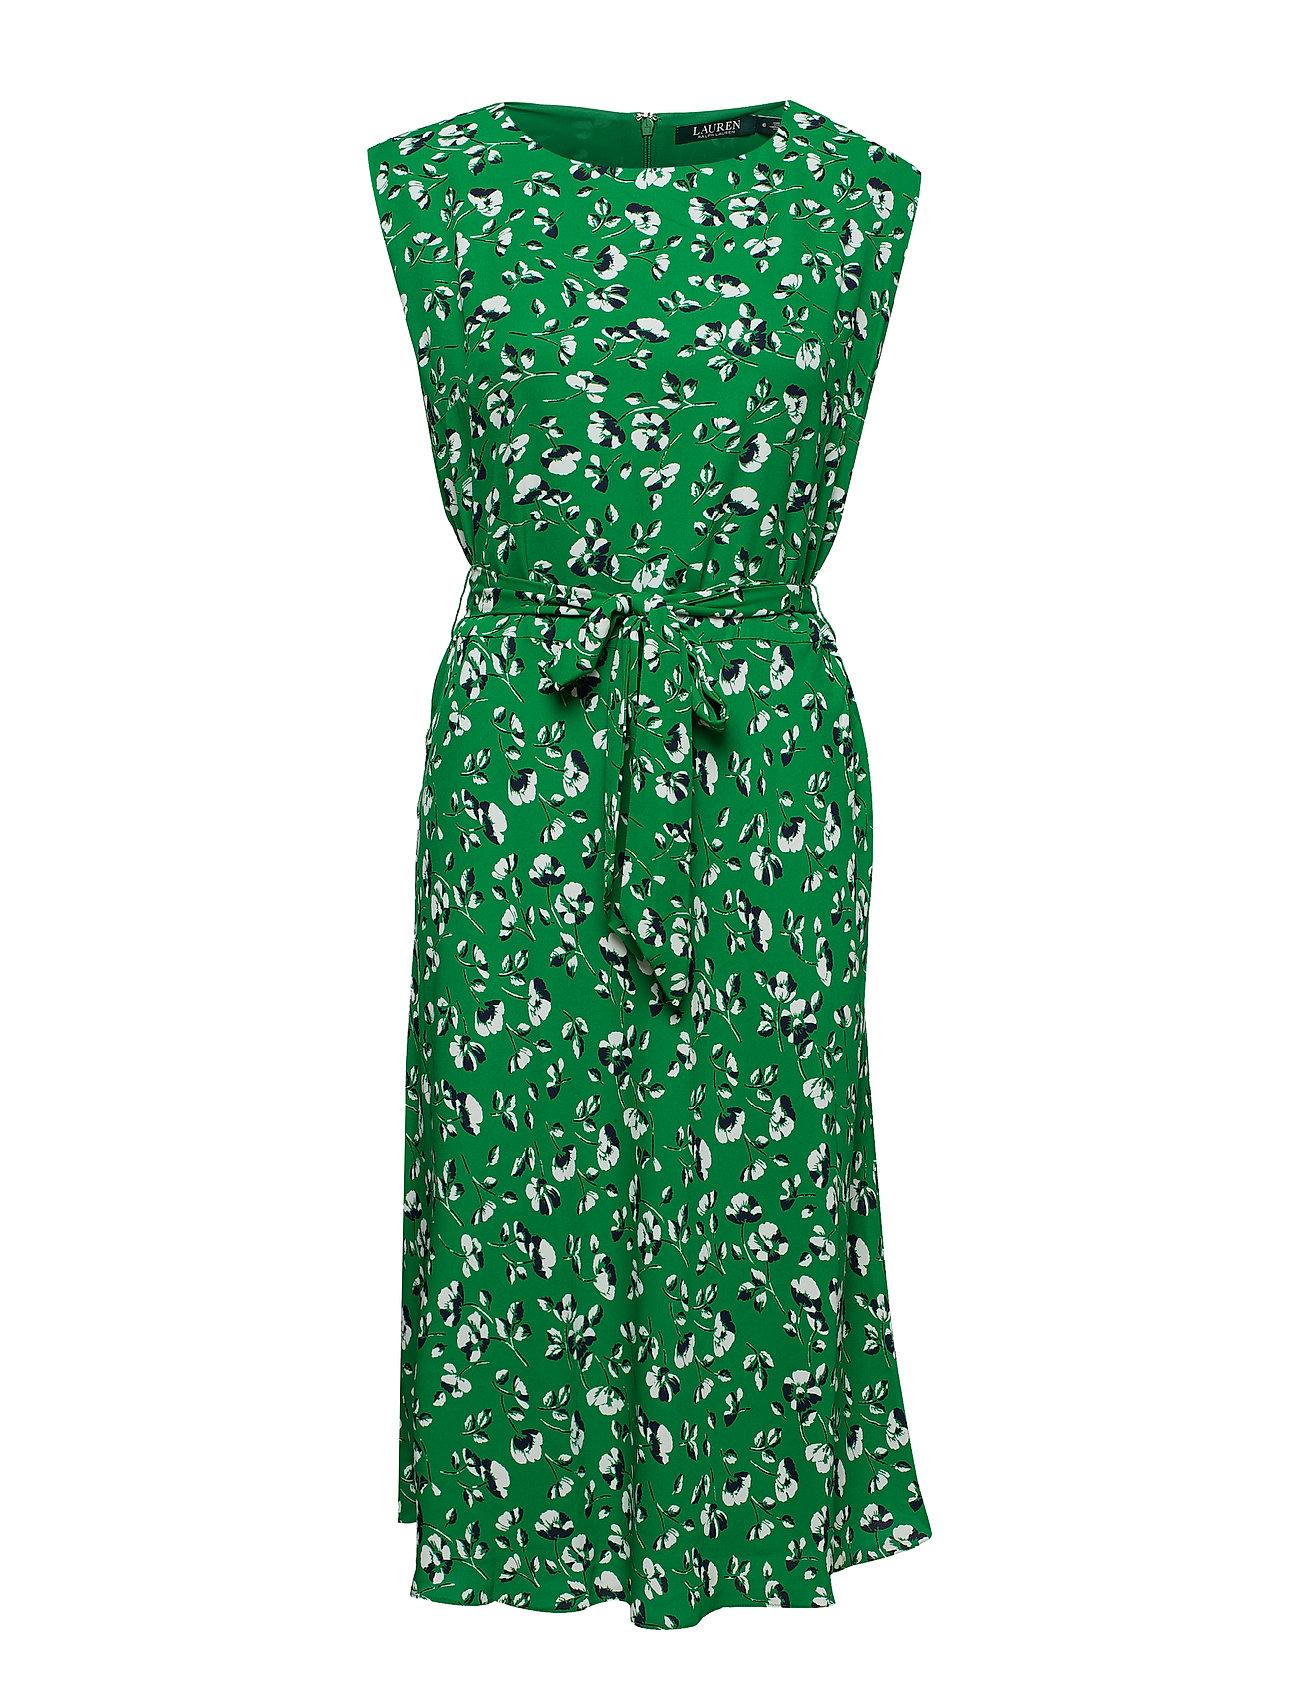 Lauren Ralph Lauren Floral Georgette Dress - CAMBRIDGE GREEN M